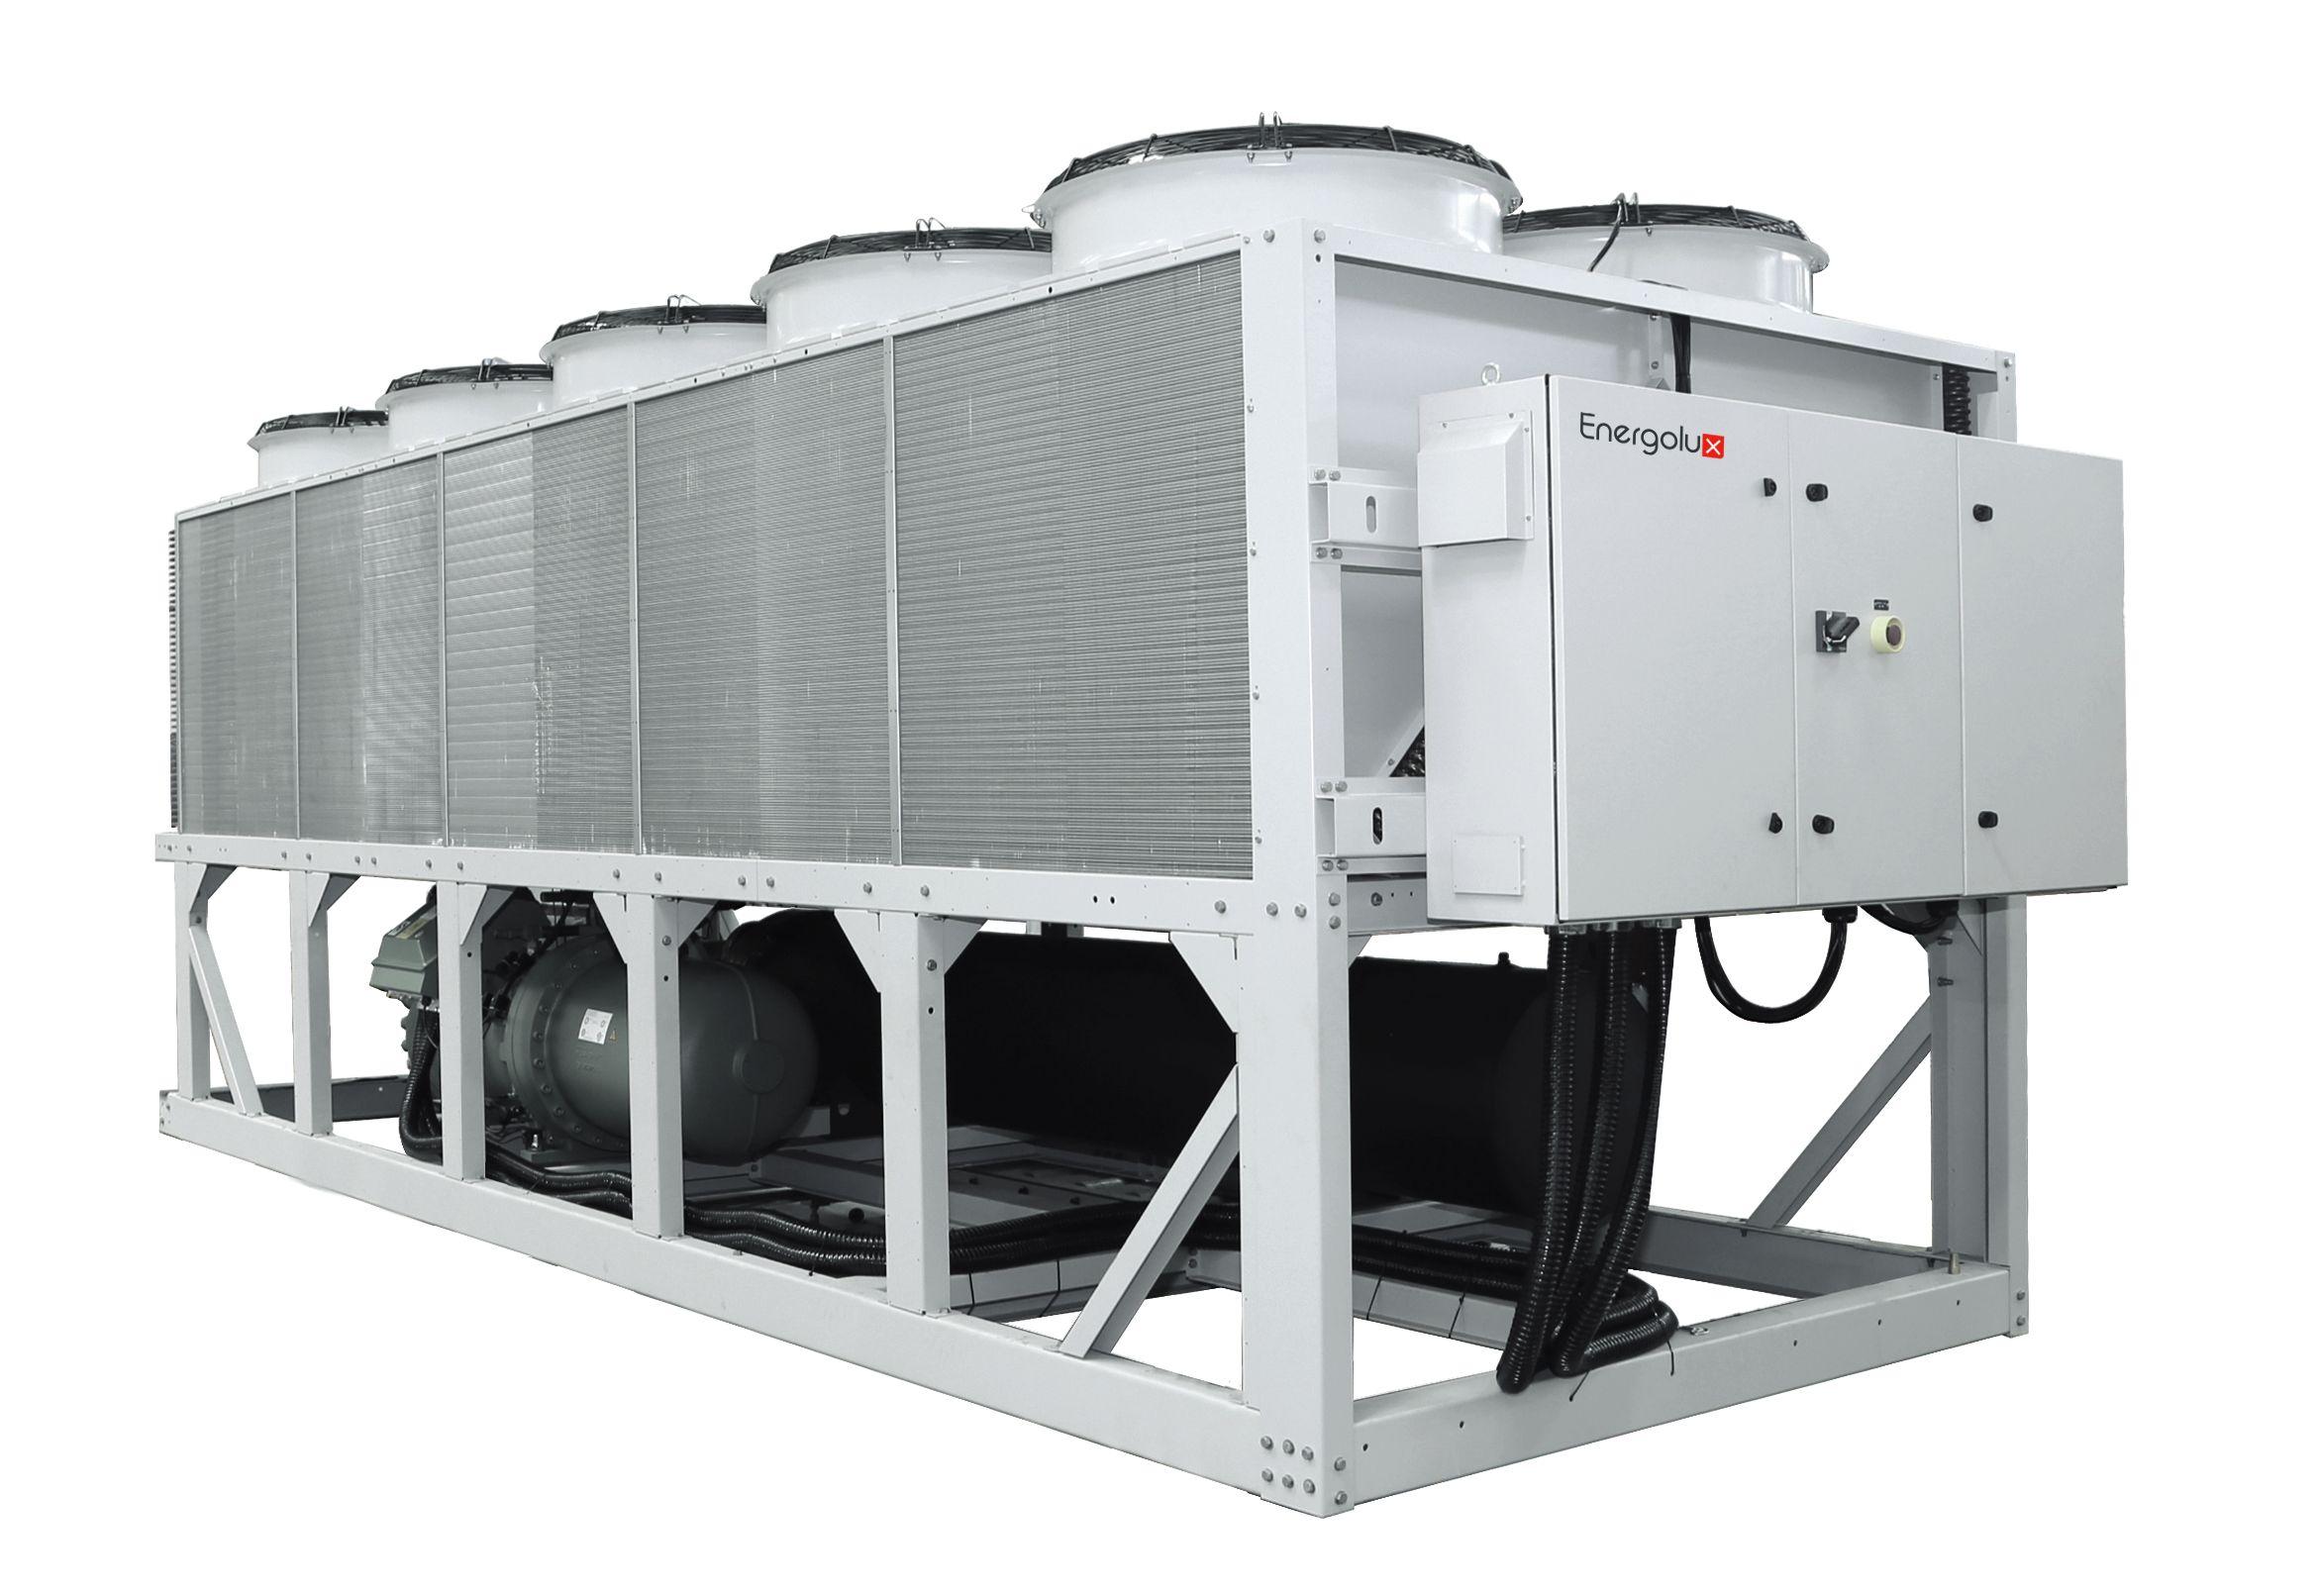 Energolux SCAW-T 2340 V